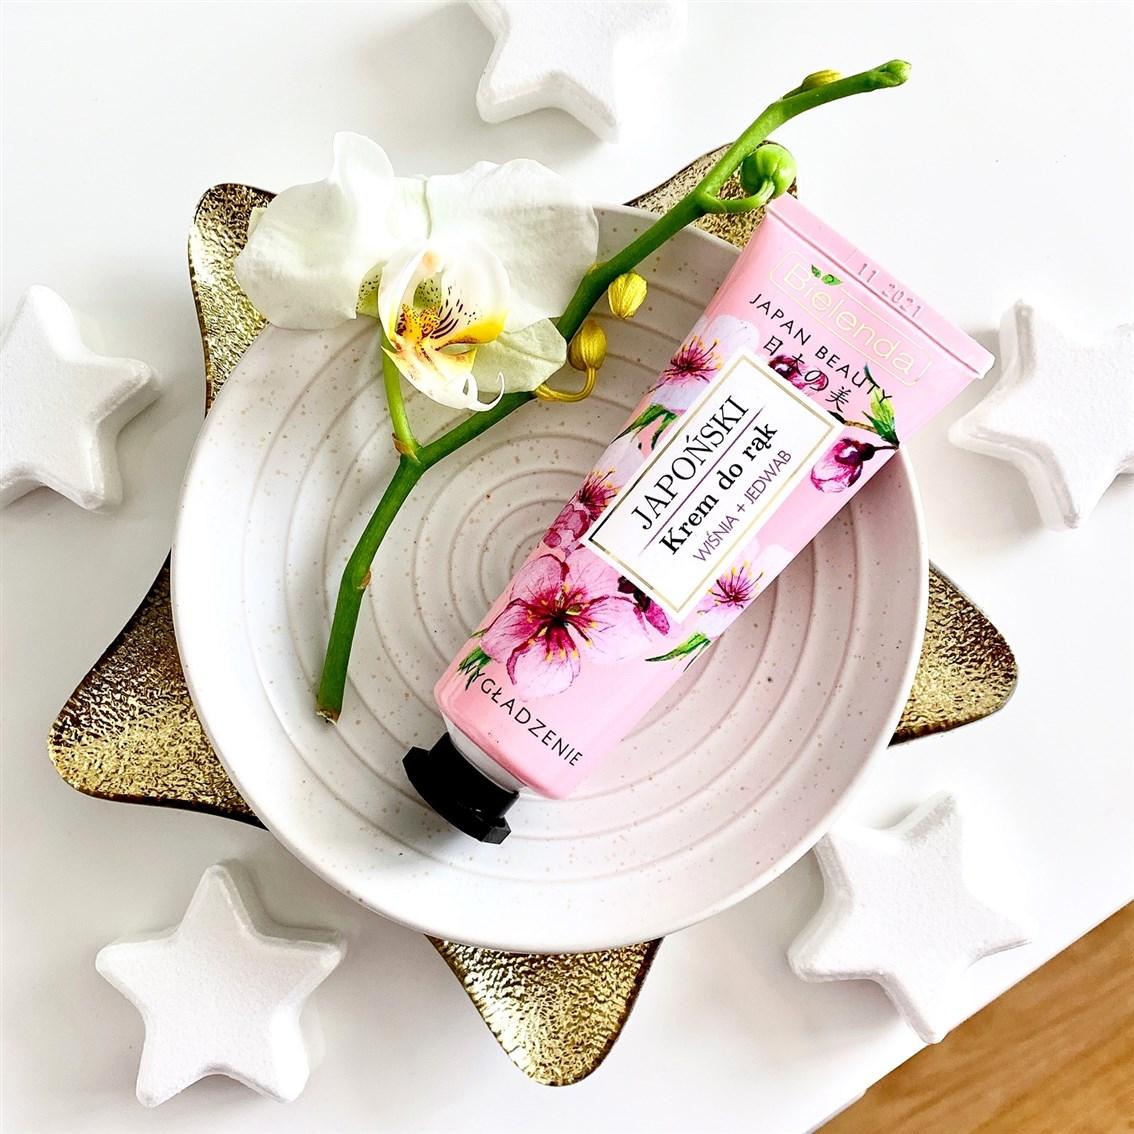 Bielenda Japan Beauty japoński krem do rąk, Wygładzenie wiśnia + jedwab